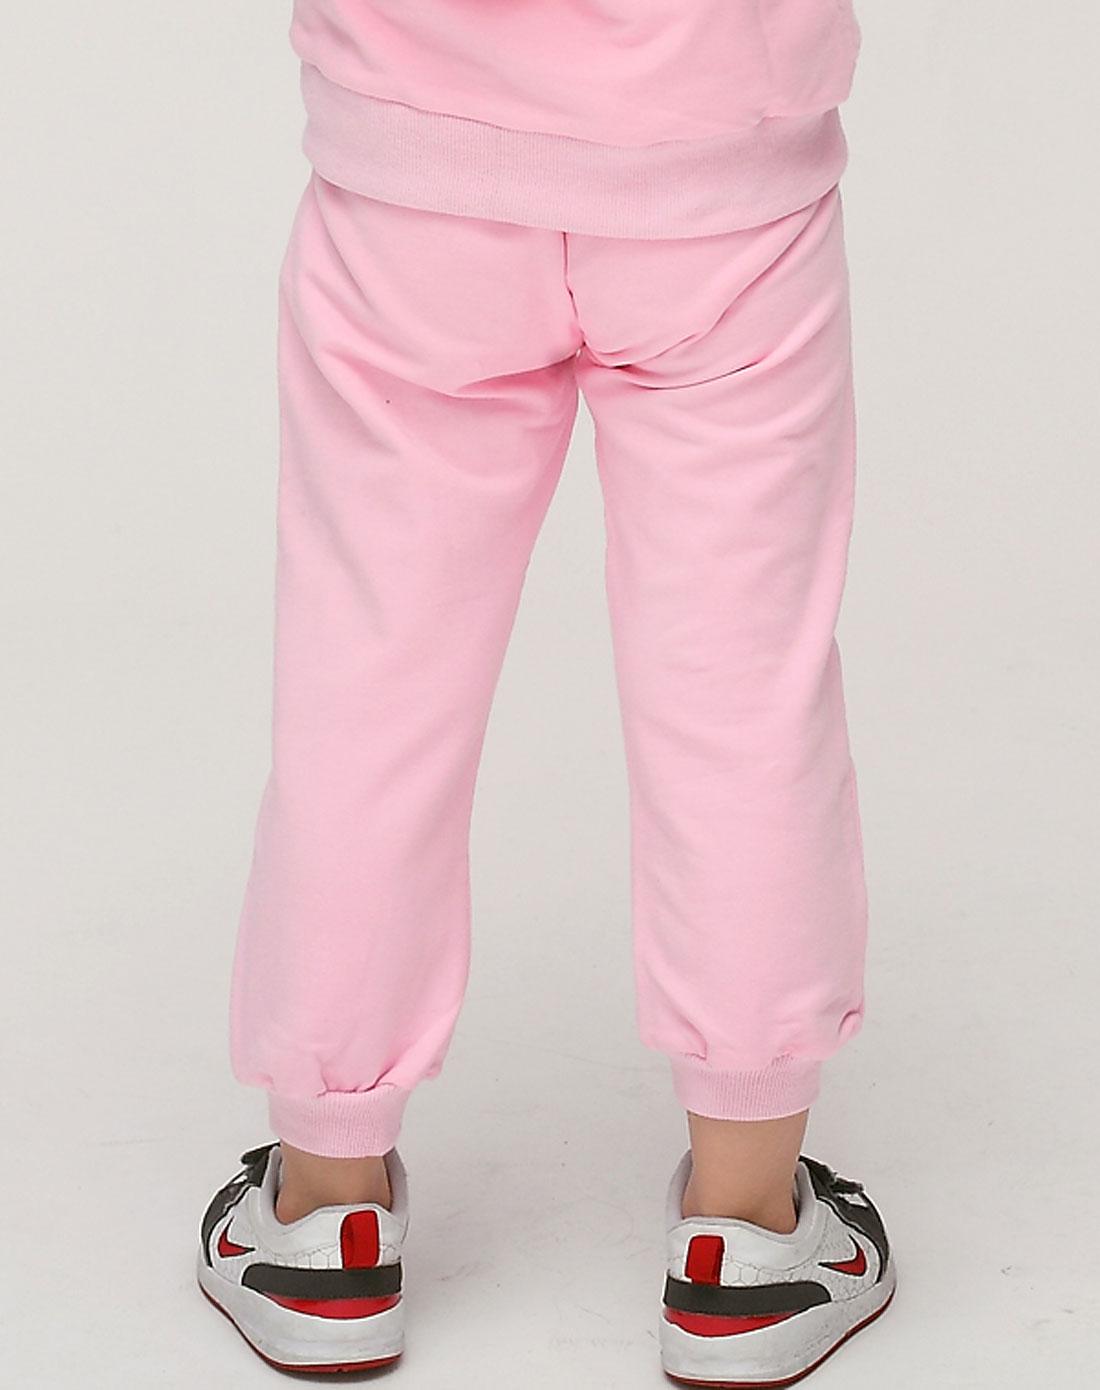 ciel男女童女童粉色裤子gpm1852pi